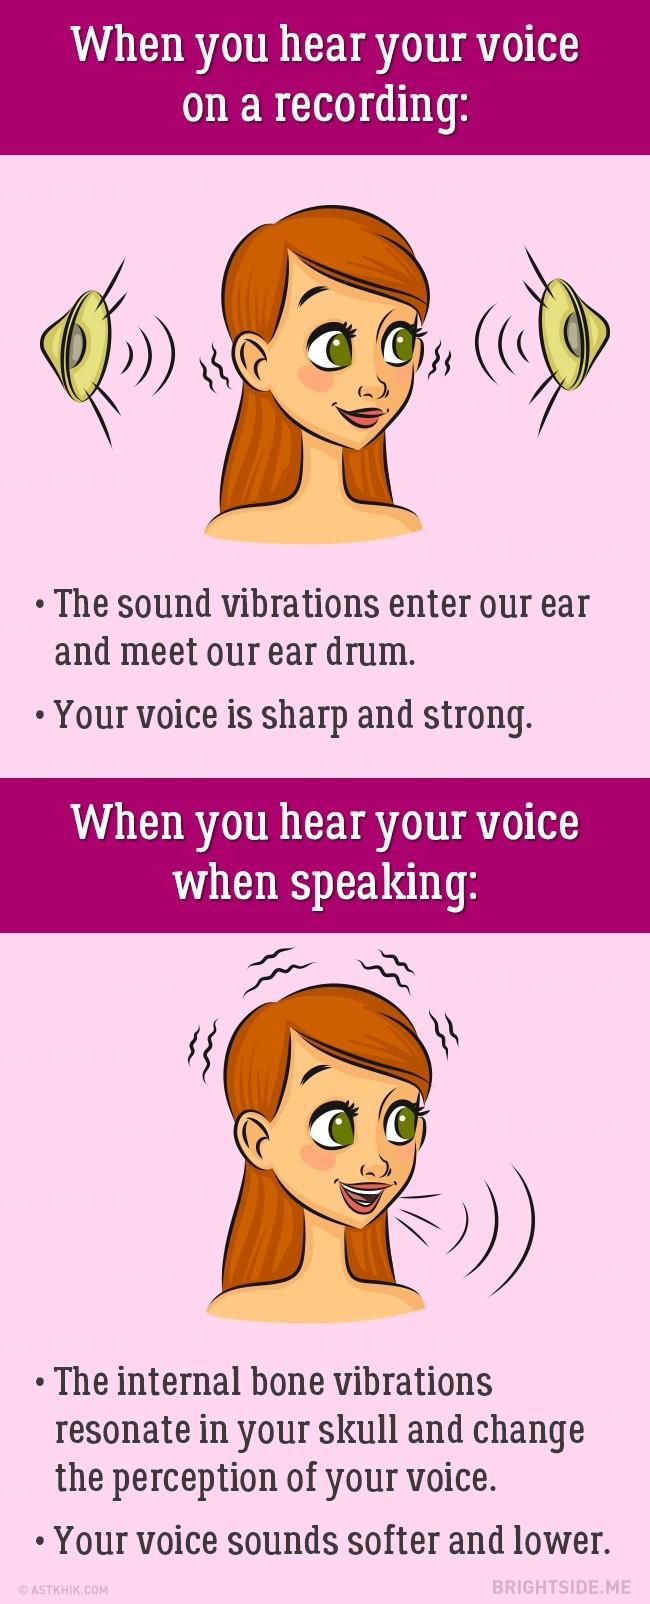 Γιατί ακούμε τη φωνή μας διαφορετικά;